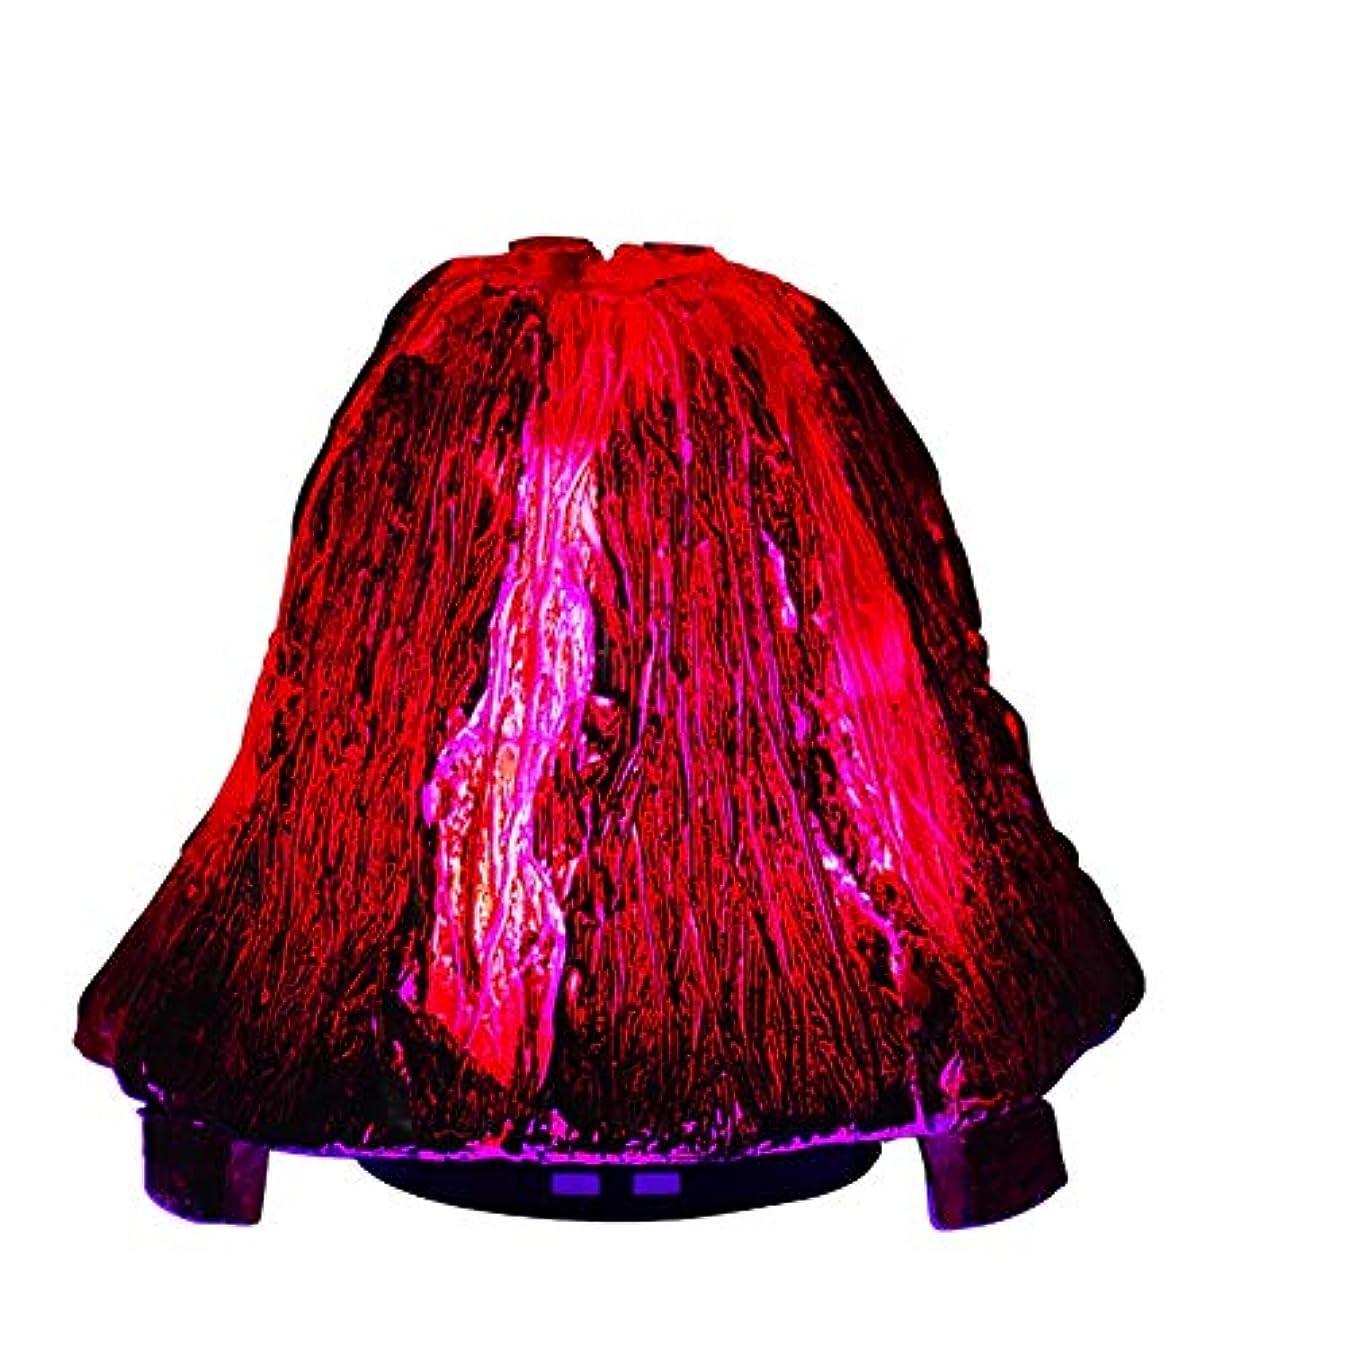 曇った余暇どんよりしたオリジナリティ火山のエッセンシャルオイルディフューザー、120mlアロマセラピー超音波クールミスト加湿器、7色LEDライト付きウォーターレスオートオフ